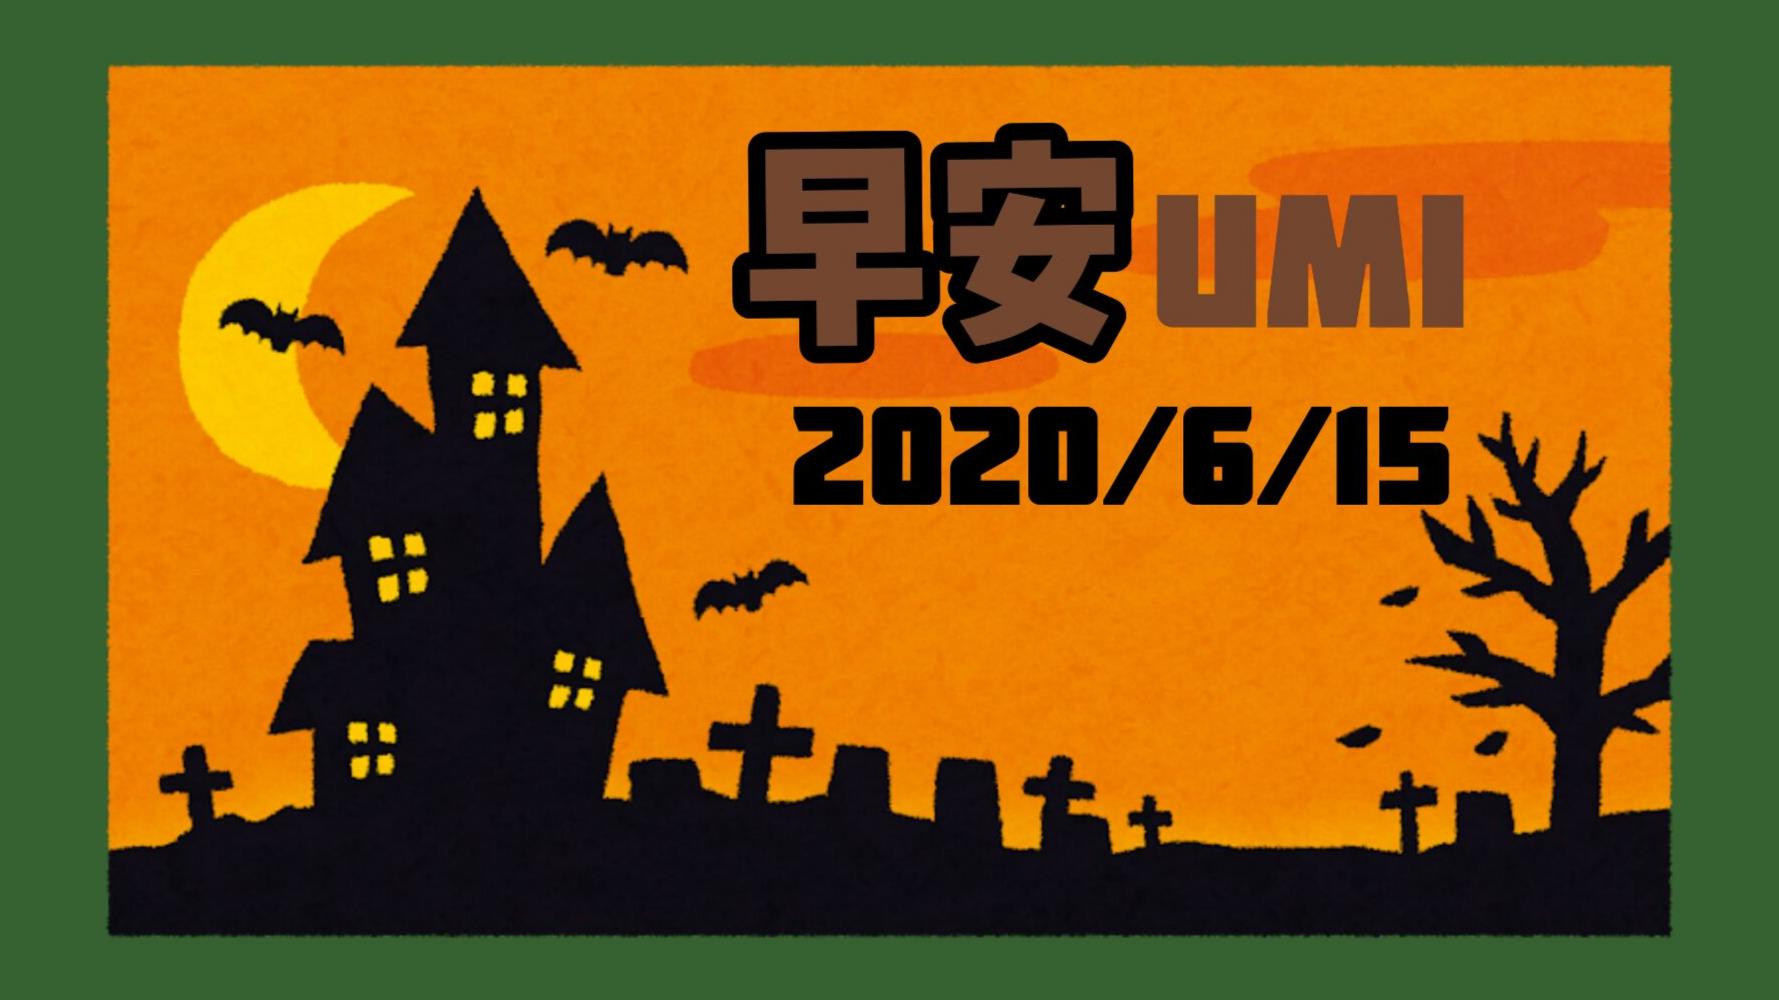 【海猫umi】早安umi #6